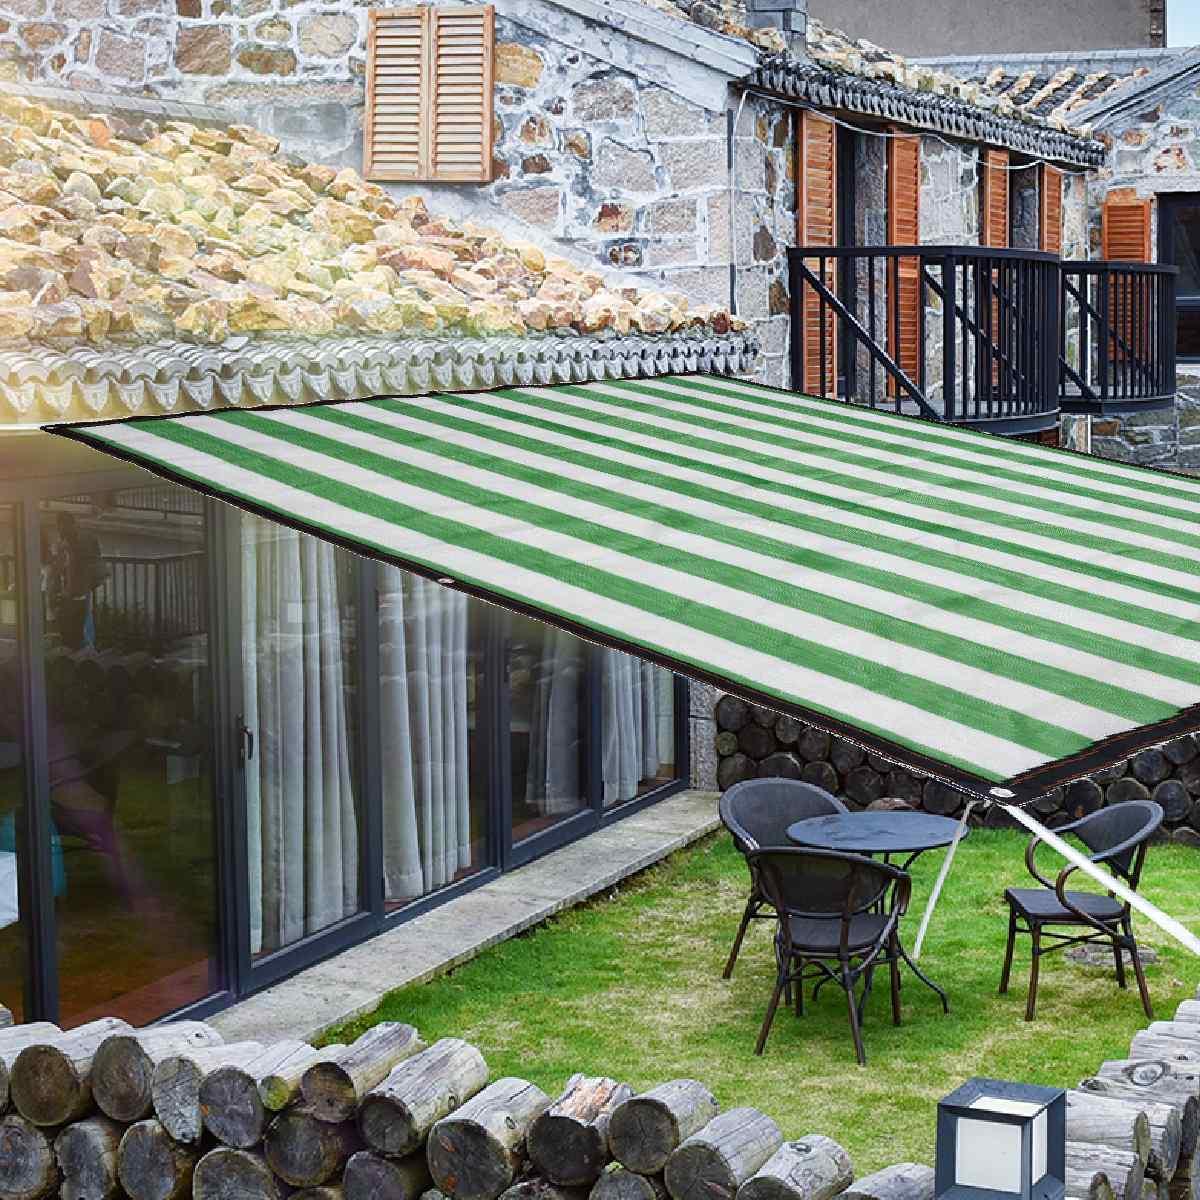 Anti-UV sombrilla red jardín protección solar cortina bloqueadora solar tela piscina cubierta invernadero suculenta planta Red de sombreado